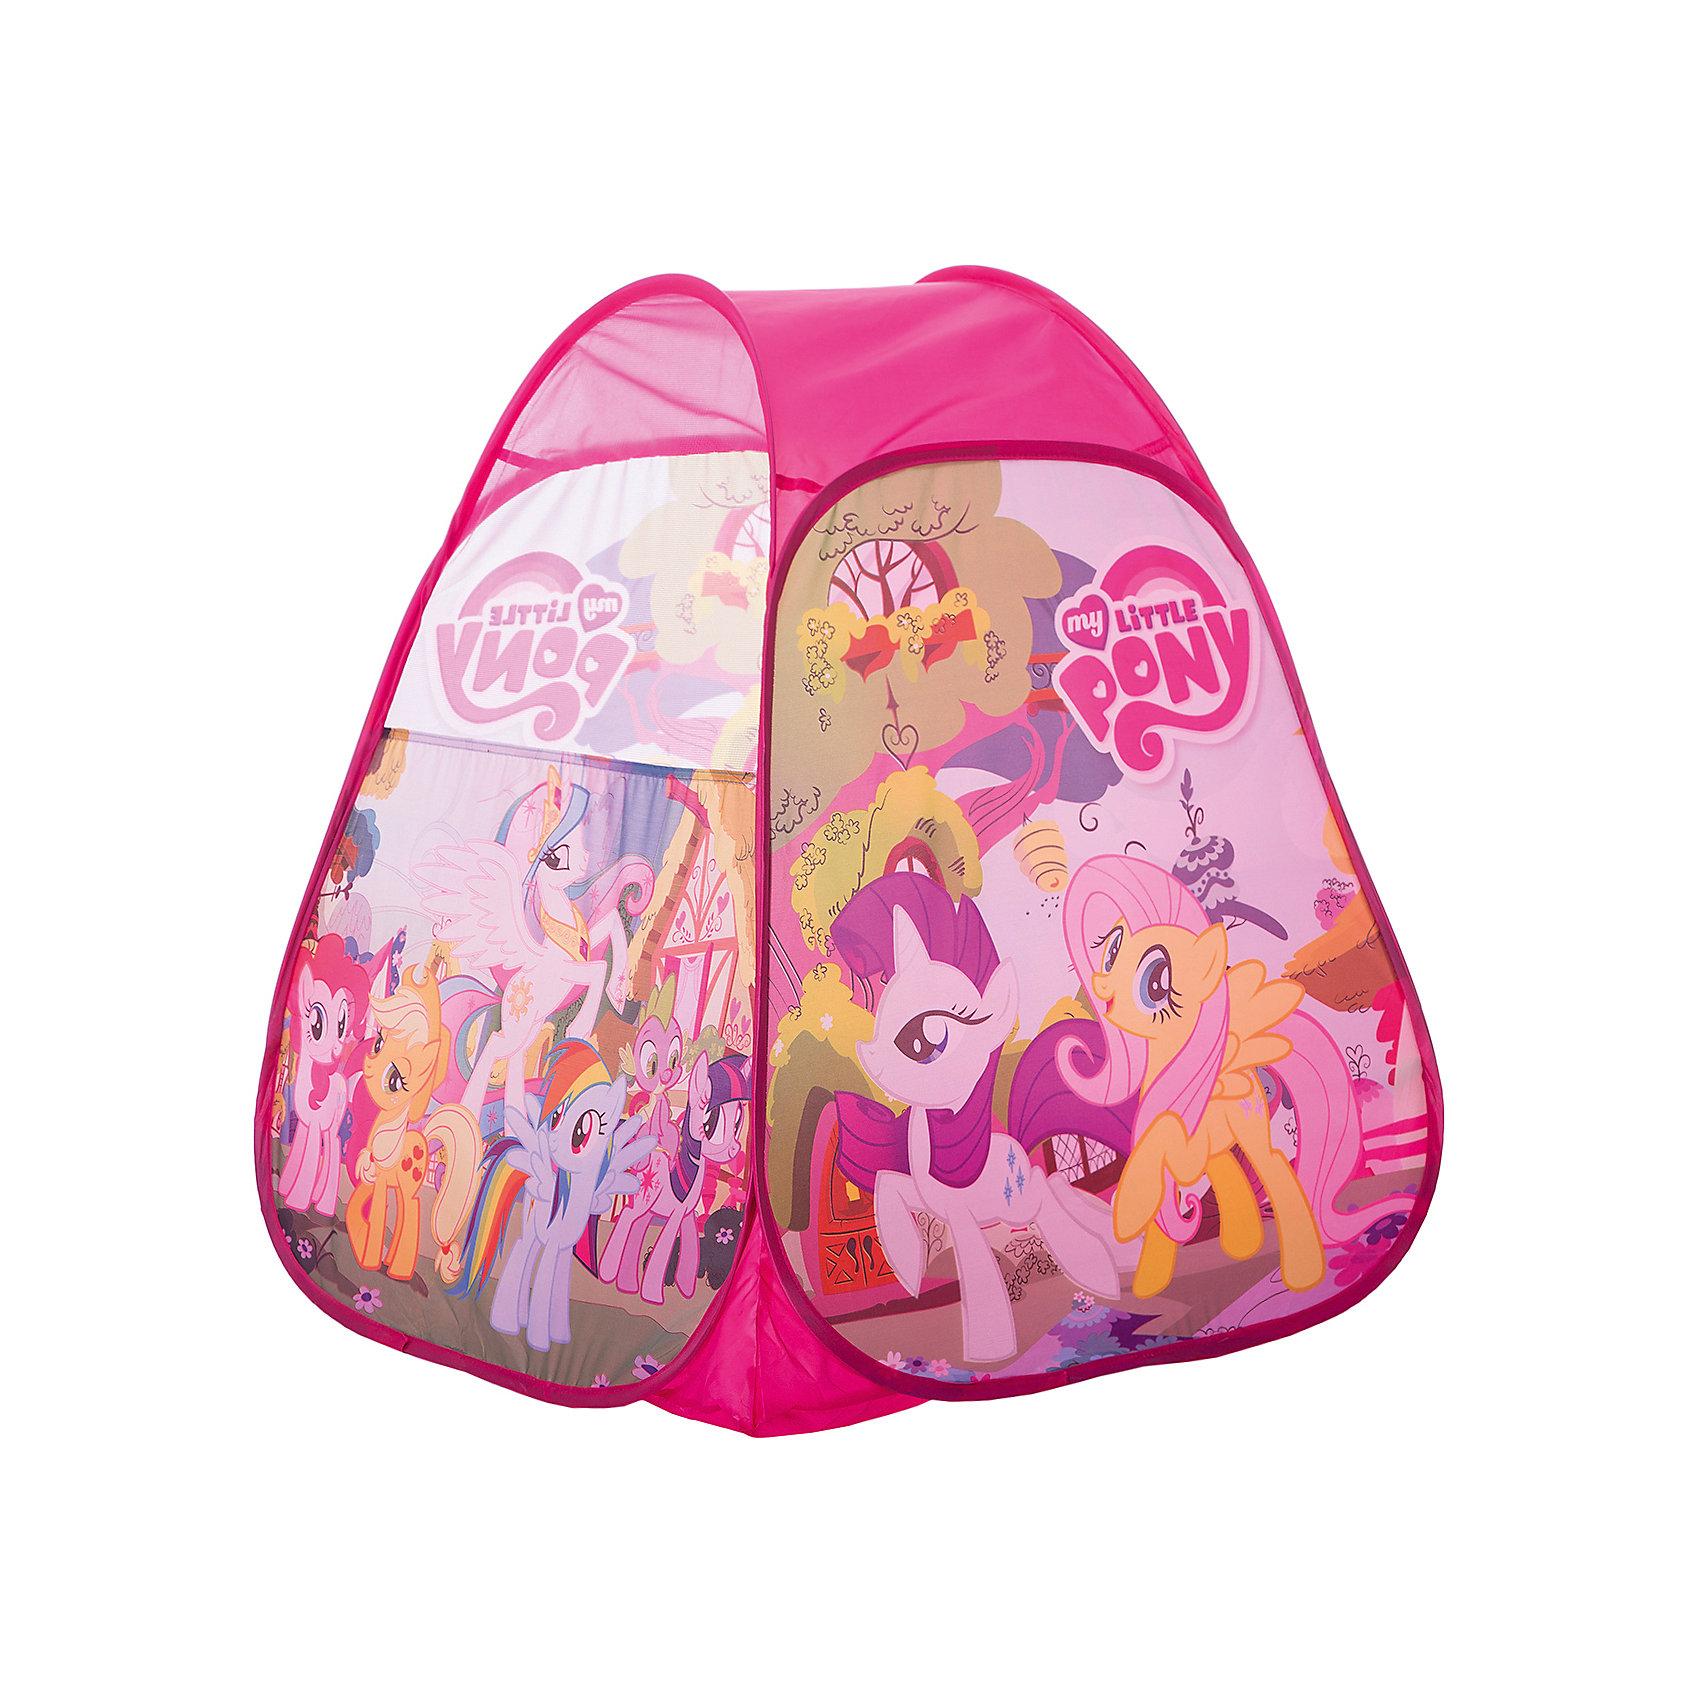 Детская игровая палатка My little pony, Играем ВместеПалатка игровая My little pony (Моя маленькая пони) Играем вместе - отличный подарок для  девочек! Детская игровая палатка My little pony (Моя маленькая пони) подарит Вашему ребенку множество увлекательных часов игры. Послужит отличной игрушкой как дома, так и на свежем воздухе в теплое время: варианты игры могут быть ограничены лишь фантазией ребенка. Мобильная и качественная, палатка легко складывается для хранения и транспортировки, самораскладывающийся каркас-спираль позволяет без труда собирать и разбирать ее. Окна выполнены из сетчатого материала, дверь палатки на липучке. На передней стенке расположены сцены из всеми любимого мультфильма My little pony (Моя маленькая пони)!<br><br>Дополнительная информация:<br><br>- Создана по мотивам мультфильма My little pony (Моя маленькая пони);<br>- Подходит для игры в помещении и на улице в летнее время;<br>- Палатку легко собрать и разобрать;<br>- Есть окошки с сеткой для притока воздуха;<br>- Влагостойкий материал;<br>- Упакована в сумку с ручками для удобства переноски;<br>- Цвет: розовый;<br>- Размер: 81 х 91 х 81 см;<br>- Вес: 750 г<br><br>Детскую игровую палатку My little pony (Моя маленькая пони), Играем Вместе можно купить в нашем интернет-магазине.<br><br>Ширина мм: 370<br>Глубина мм: 30<br>Высота мм: 370<br>Вес г: 750<br>Возраст от месяцев: 12<br>Возраст до месяцев: 48<br>Пол: Женский<br>Возраст: Детский<br>SKU: 3687181